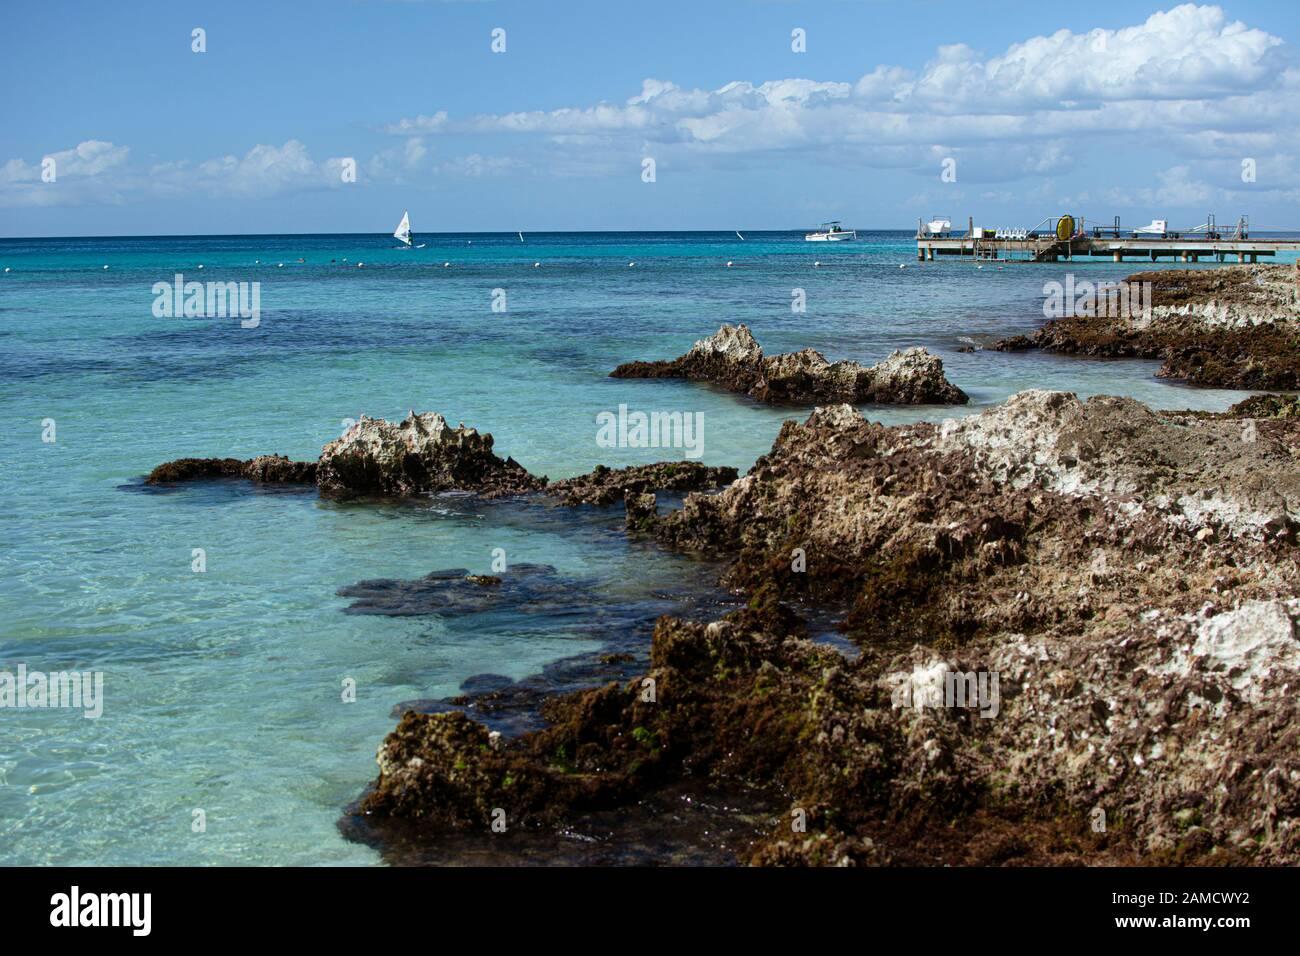 Côte rocheuse dans la mer des caraïbes Banque D'Images